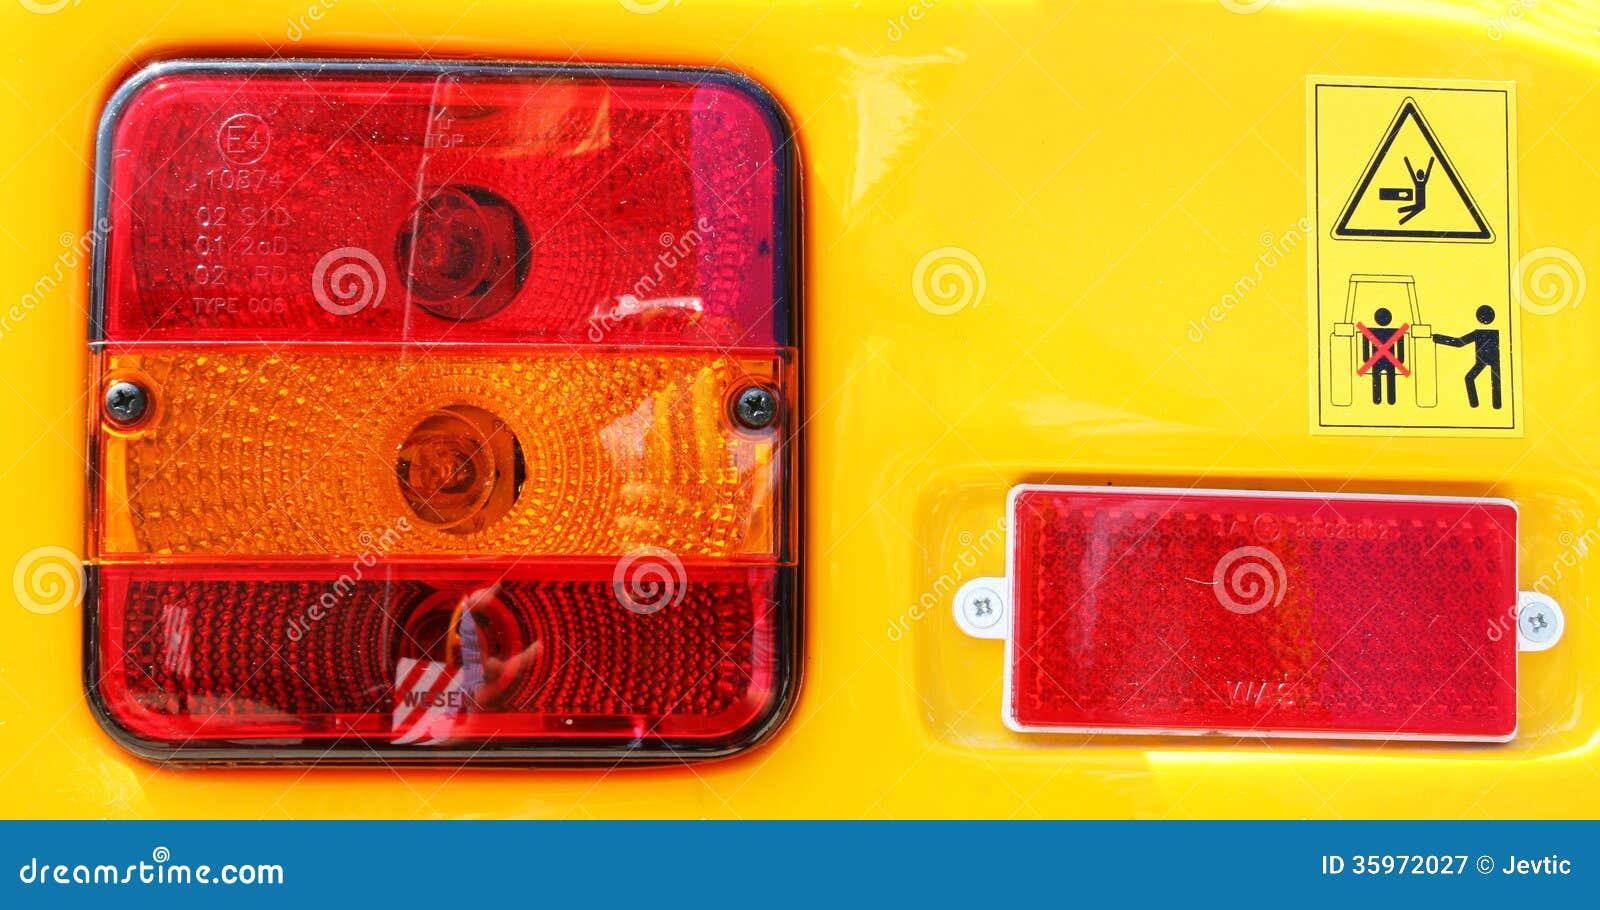 Contraluz y señales de peligro